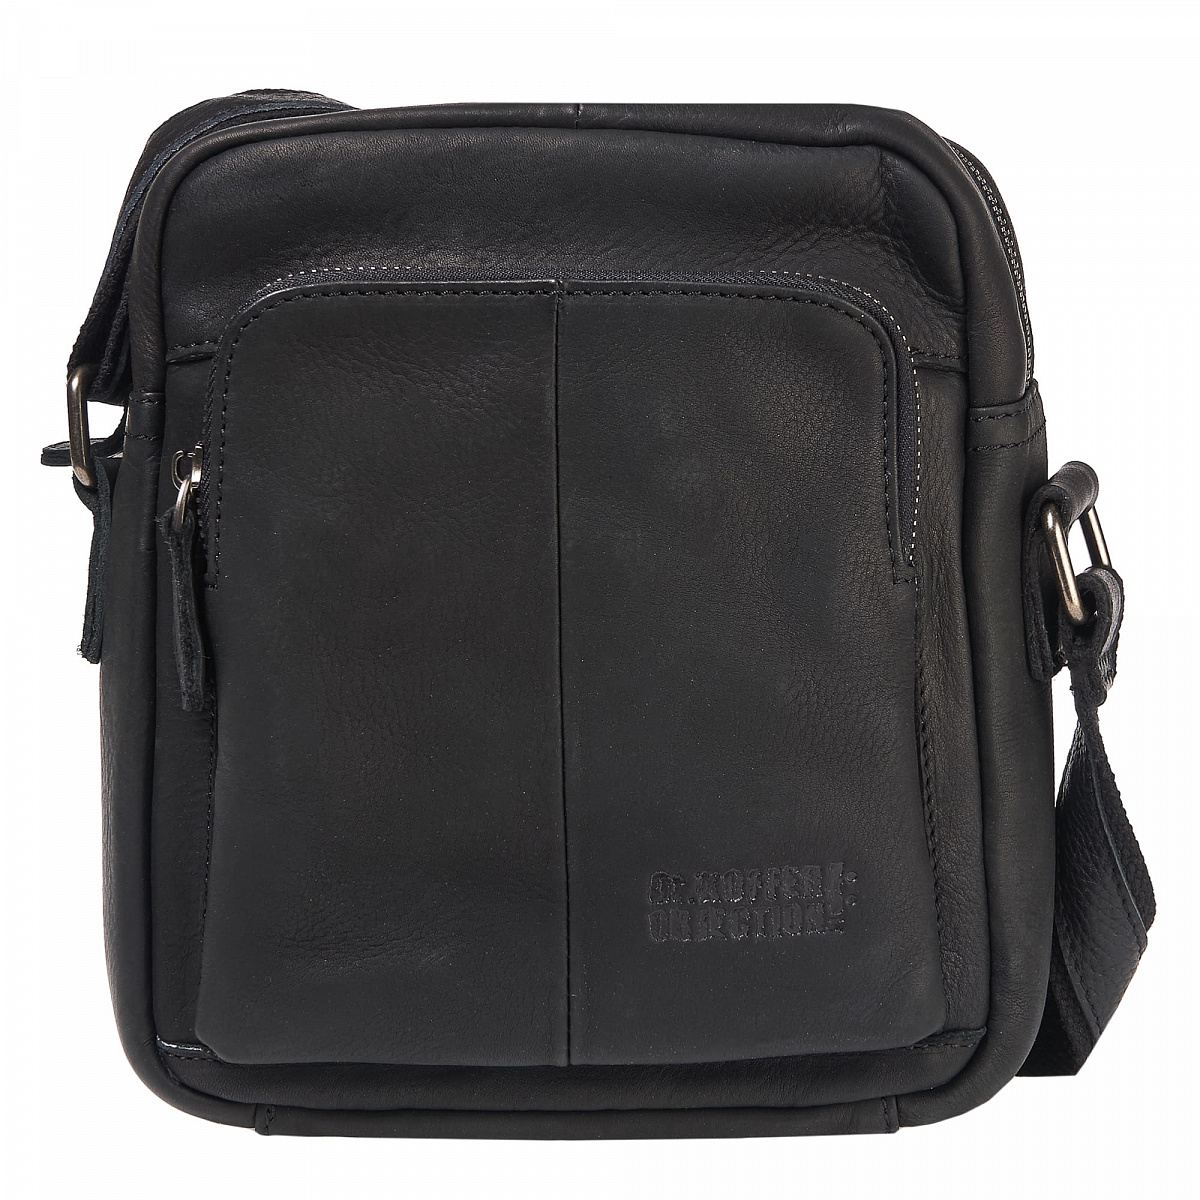 Др. Коффер ZD-S1181-1-21-04 сумка через плечо